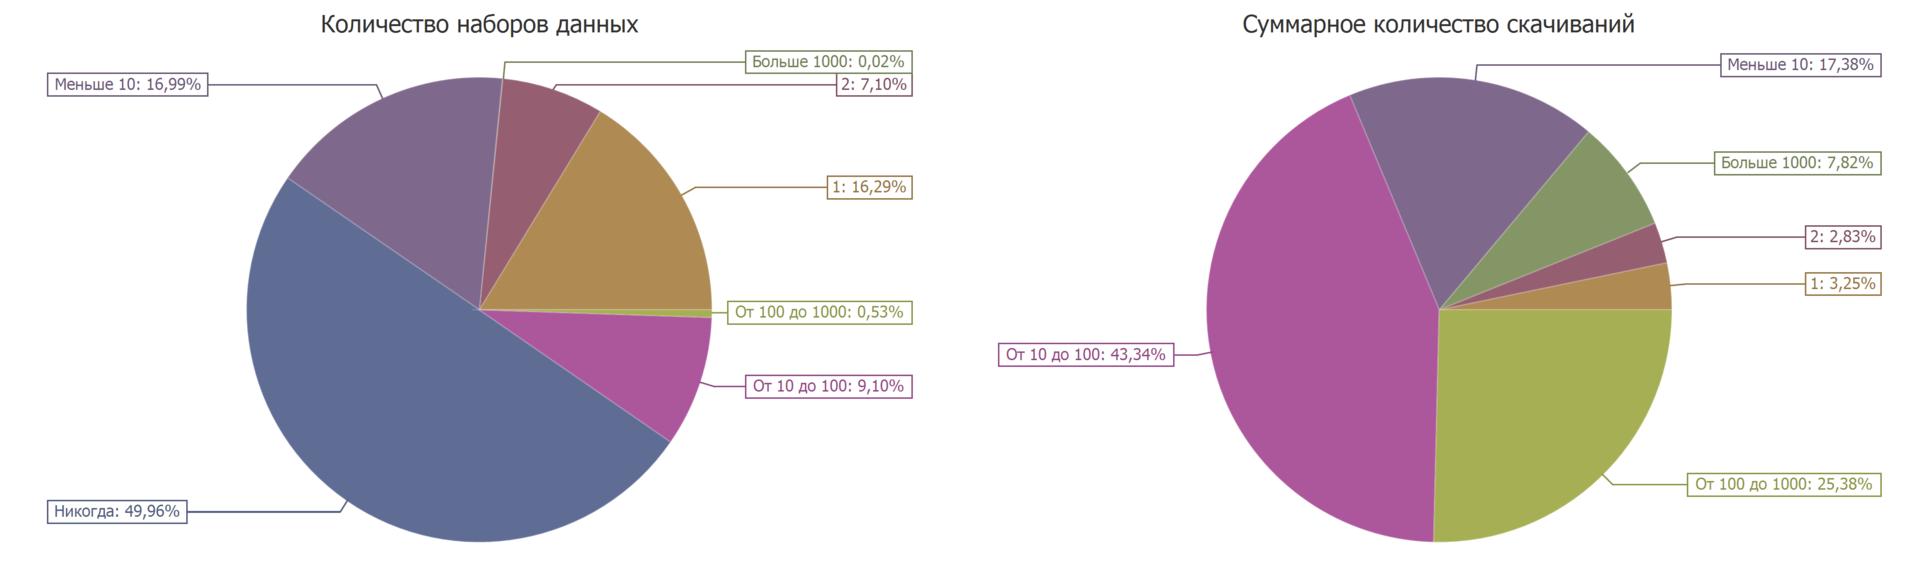 Количество скачиваний наборов открытых данных с портала data.gov.ru. Диаграмма